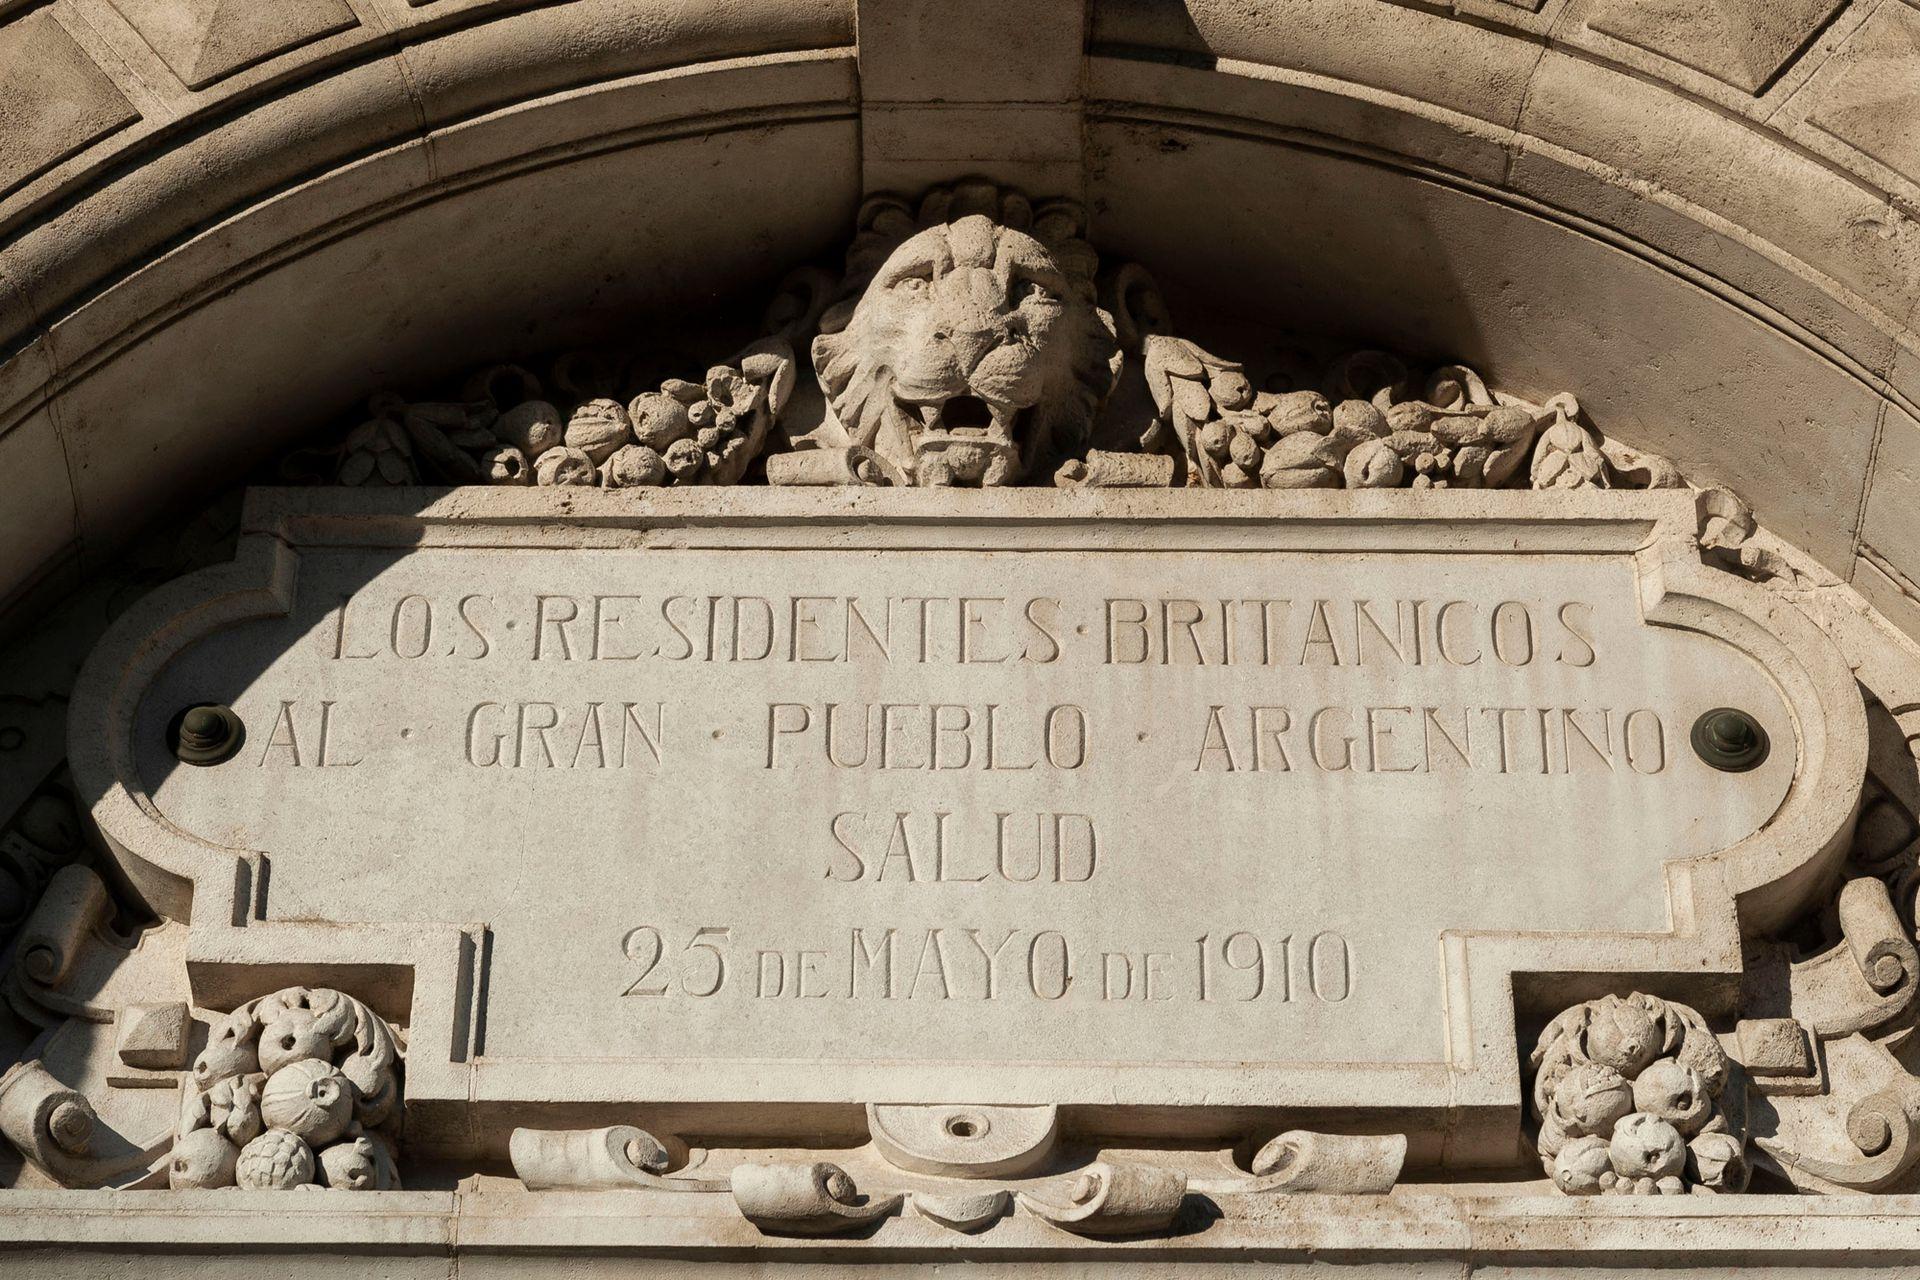 """""""Los residentes británicos al gran pueblo argentino. Salud"""", la placa de una de sus paredes"""